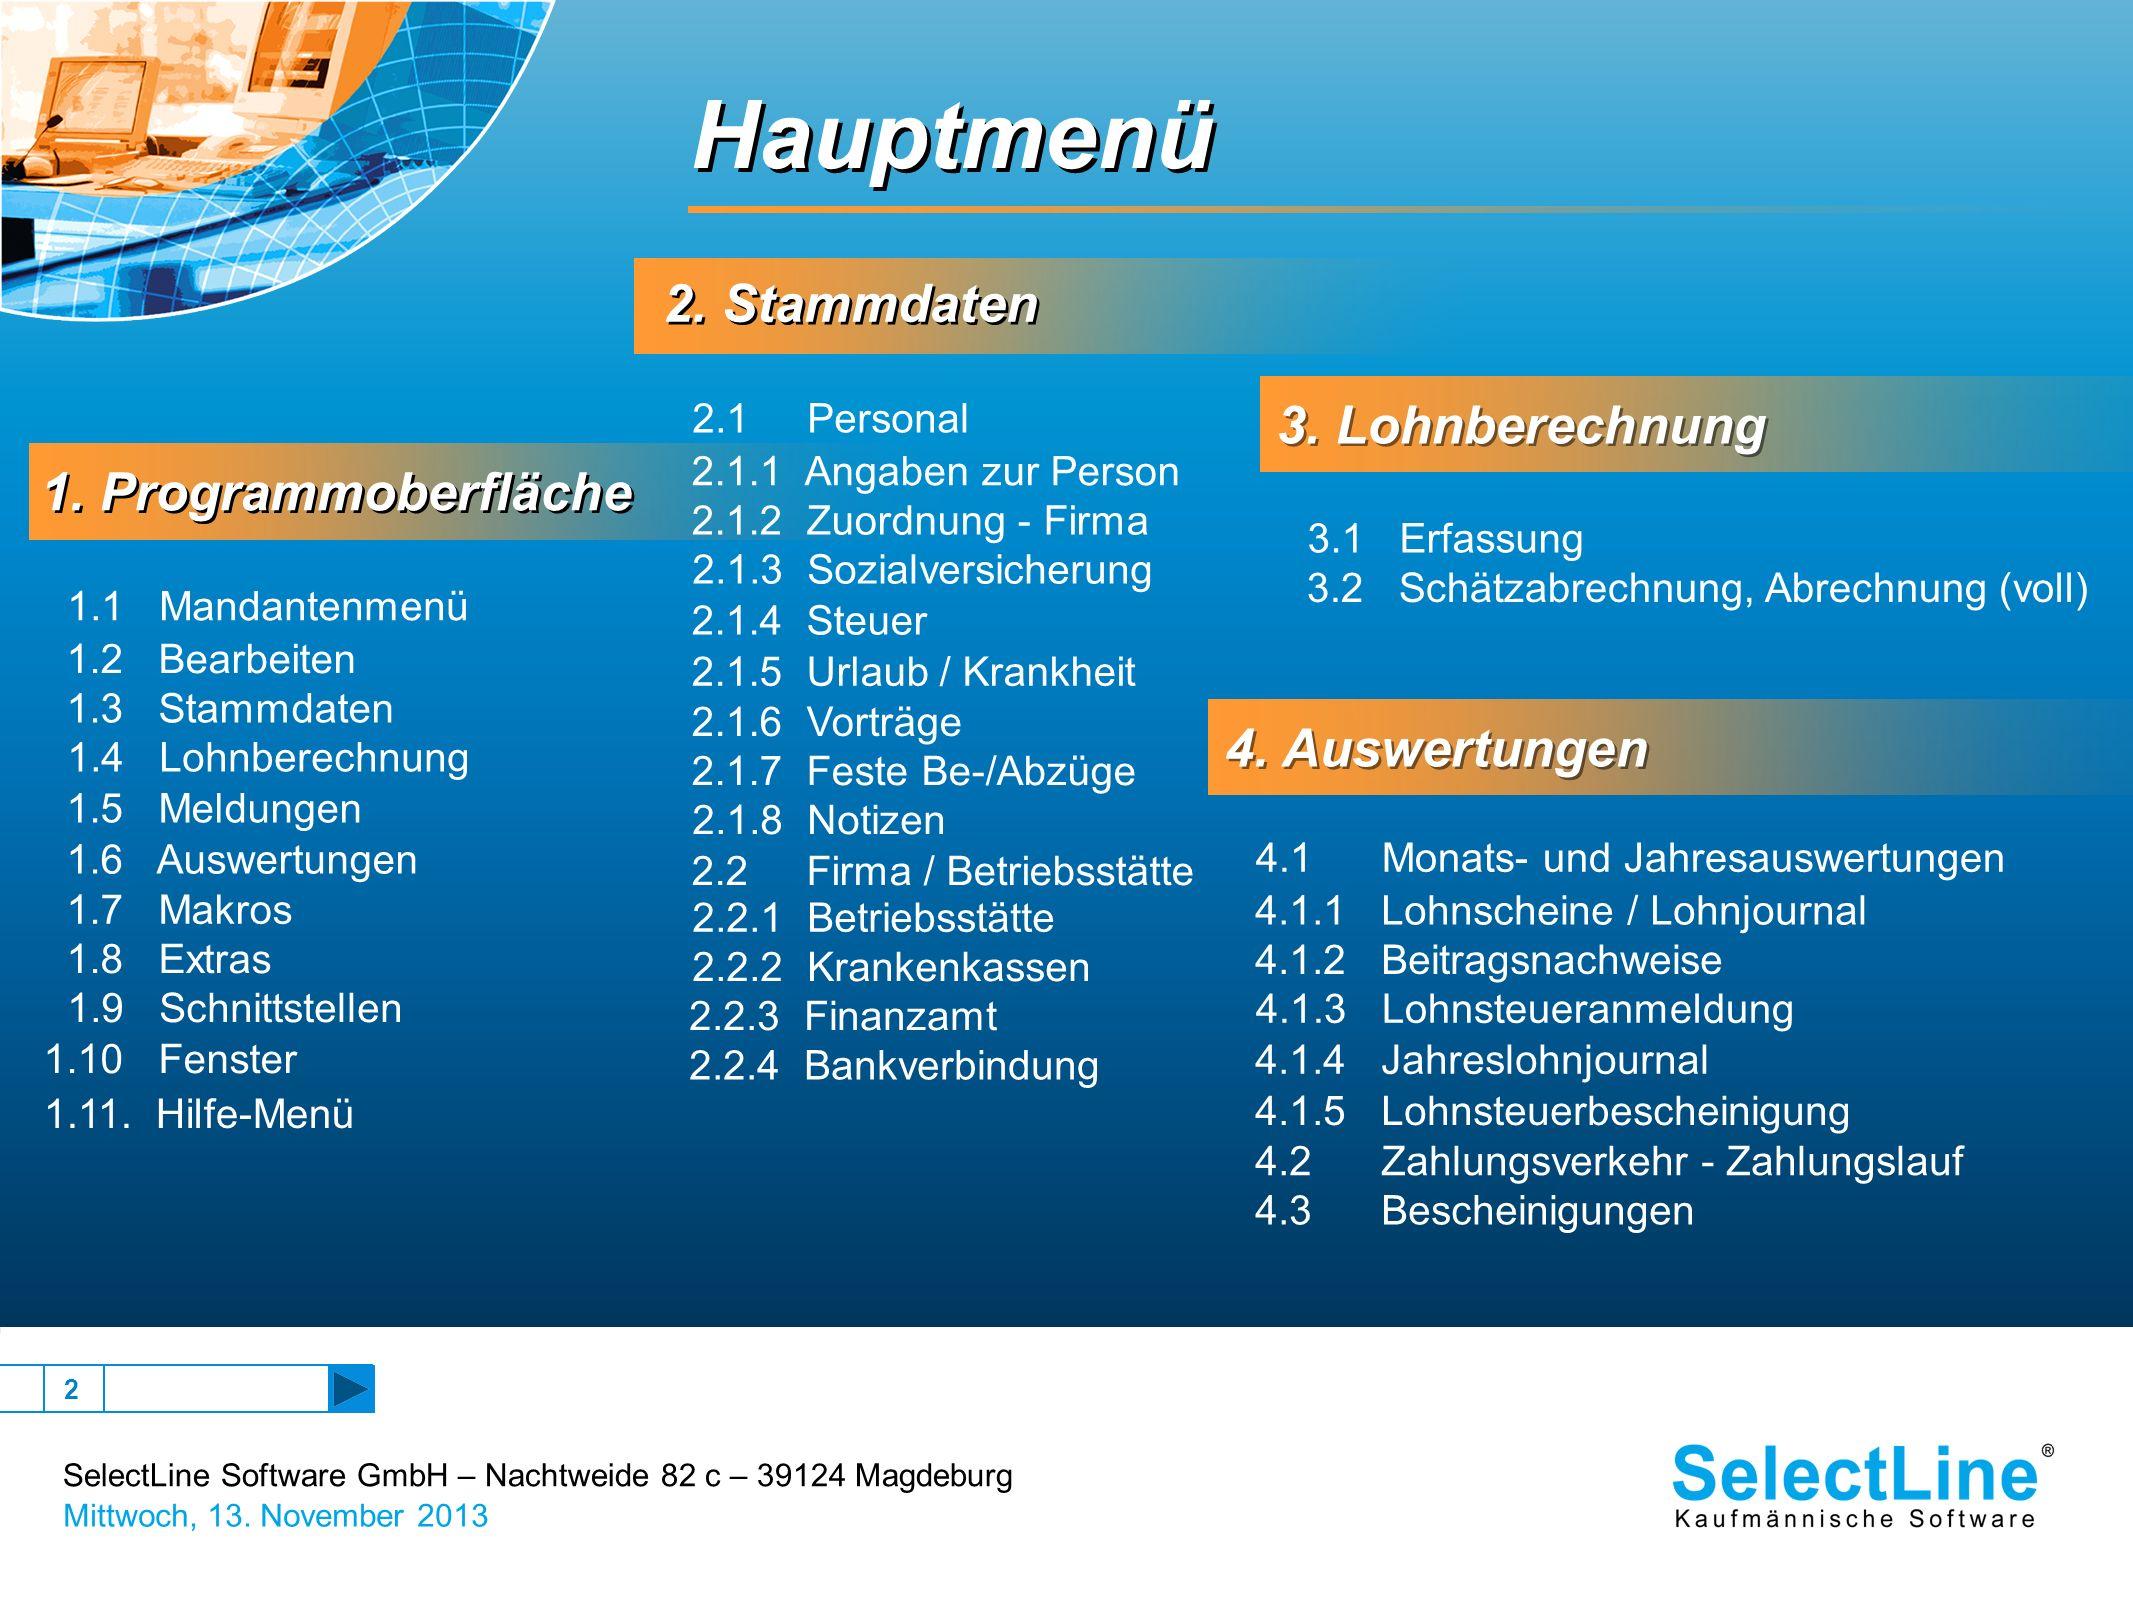 SelectLine Software GmbH – Nachtweide 82 c – 39124 Magdeburg Mittwoch, 13. November 2013 2 1. Programmoberfläche 1. Programmoberfläche 2. Stammdaten H